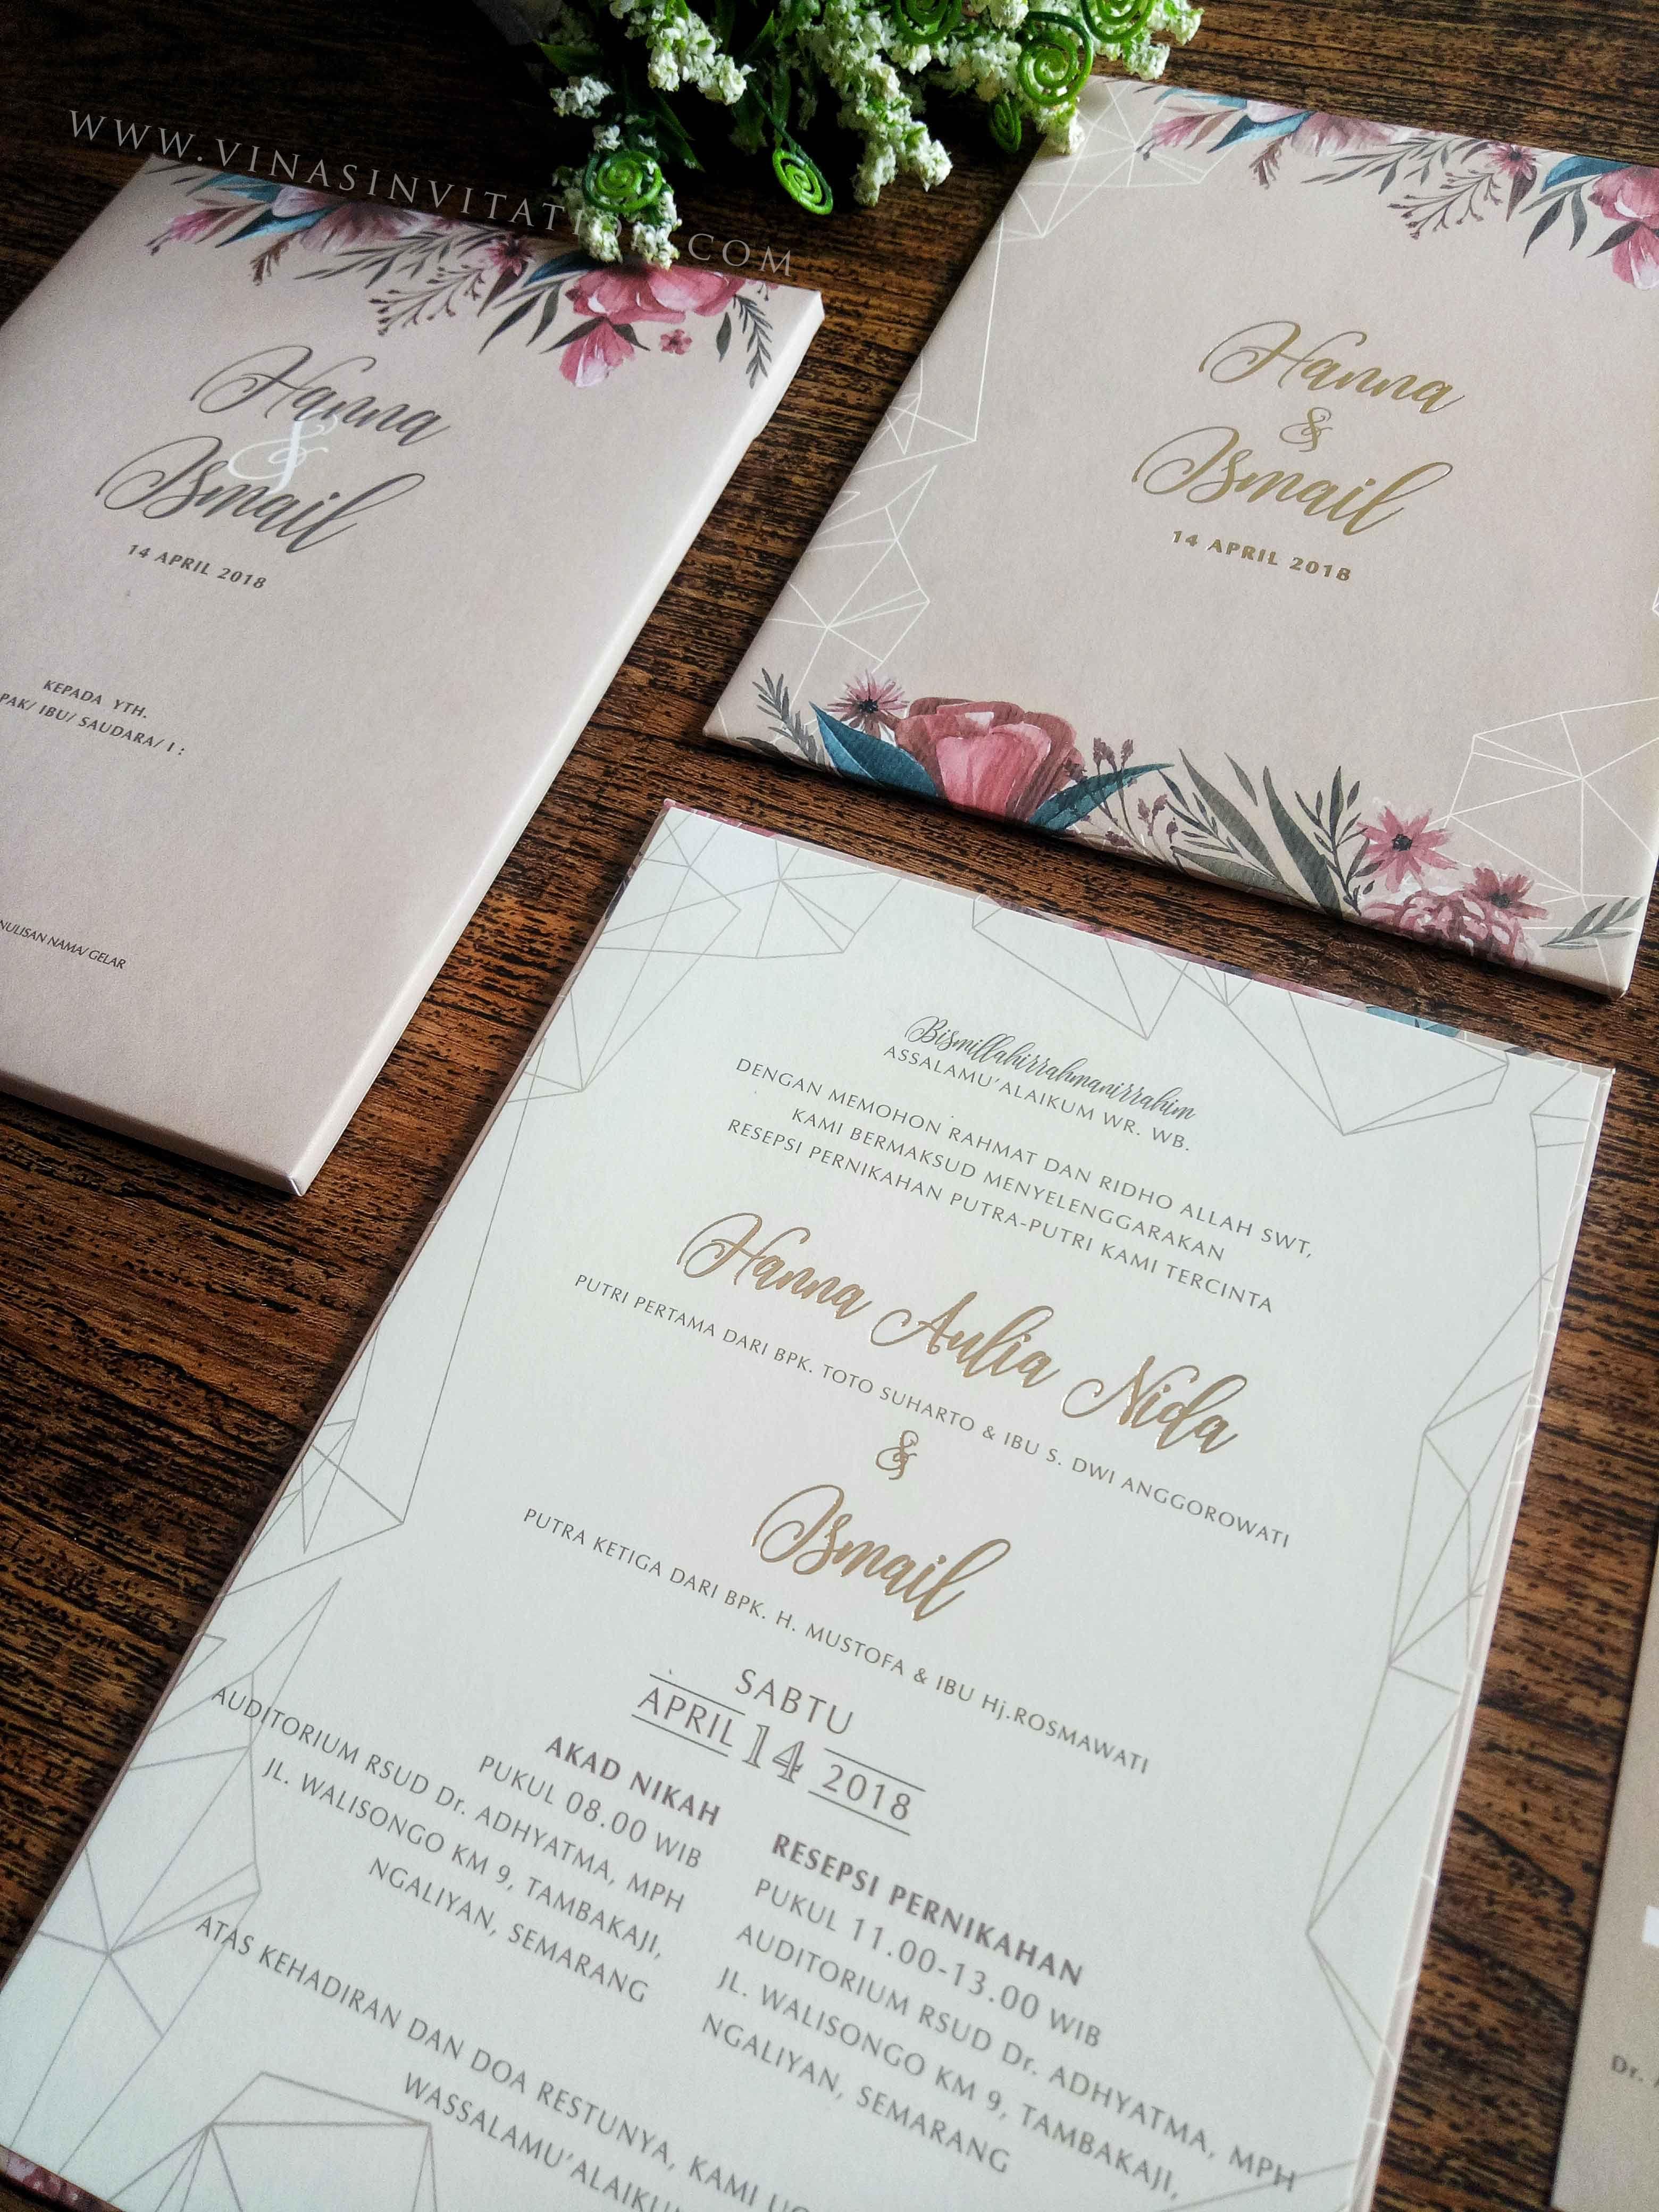 Vinas Invitation Indonesian Wedding Flower Blossom Theme Custom Invitation Wedding Invitation Undangan Pernikahan Undangan Perkawinan Dekorasi Perkawinan